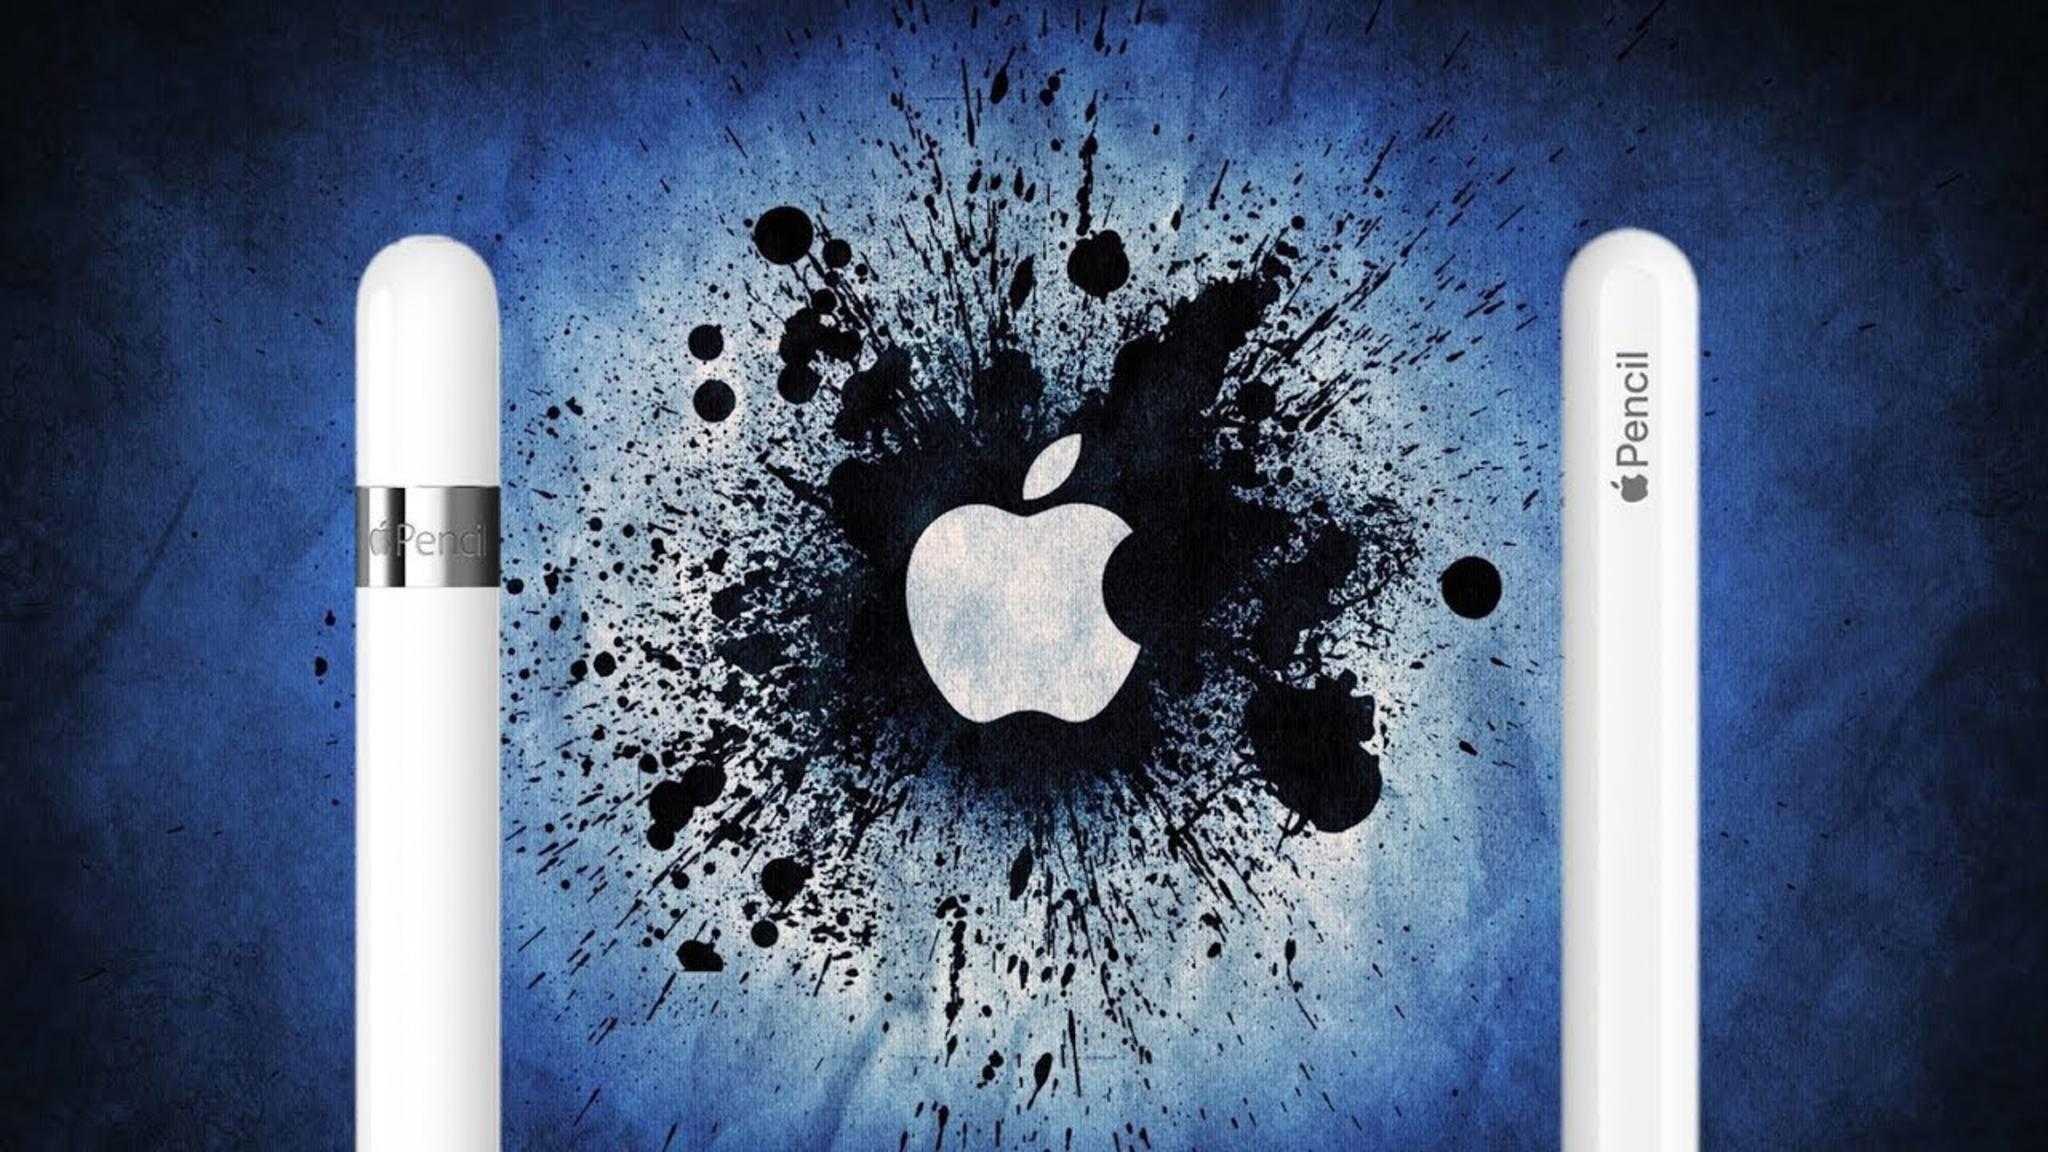 Links im Bild die erste Generation und rechts die neue Generation des Apple Pencil.